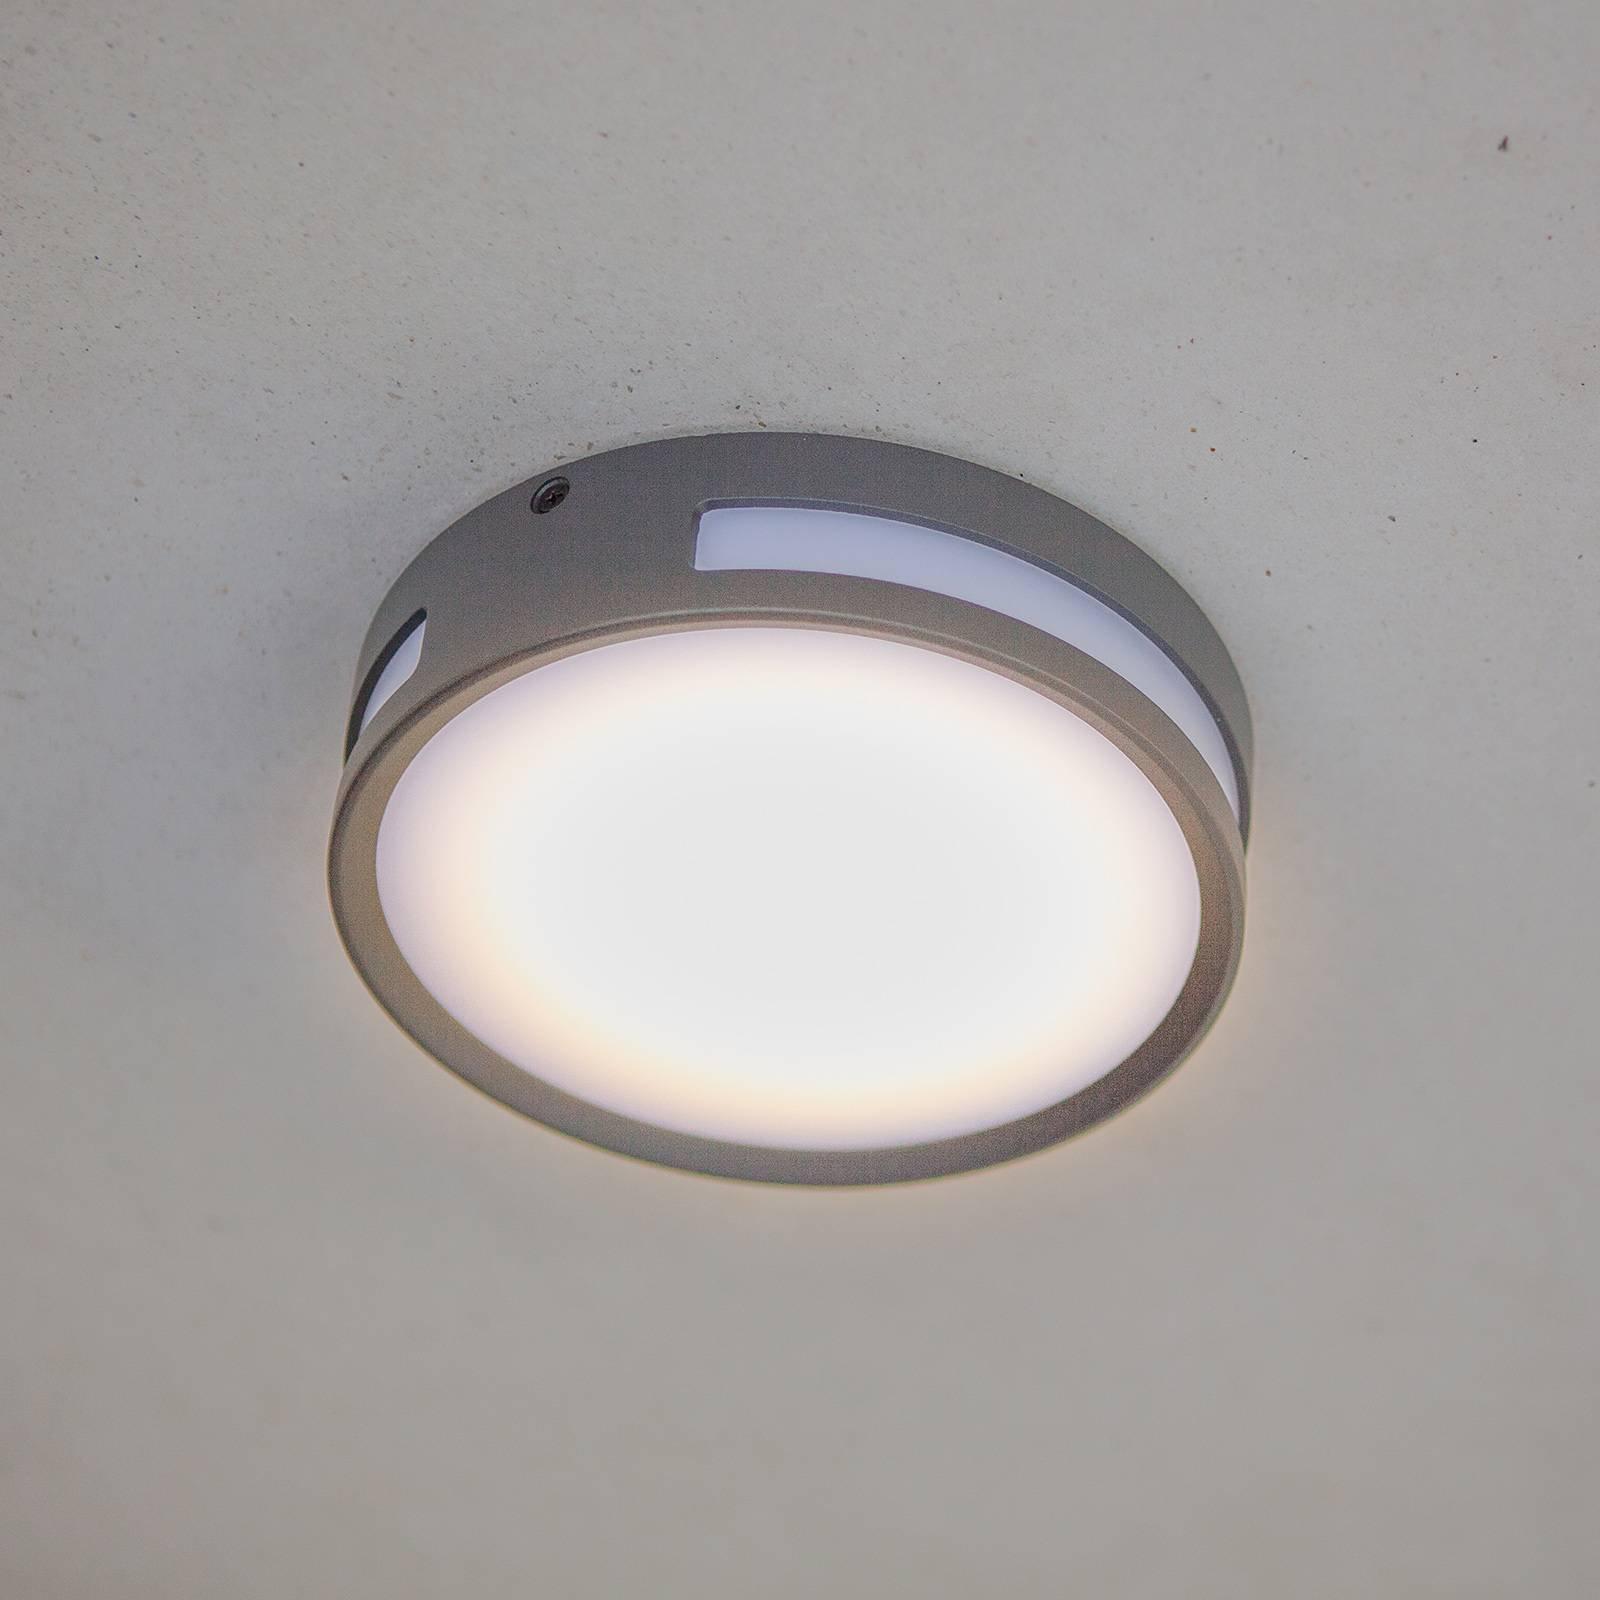 LED-taklampe Rola, utendørs, rund